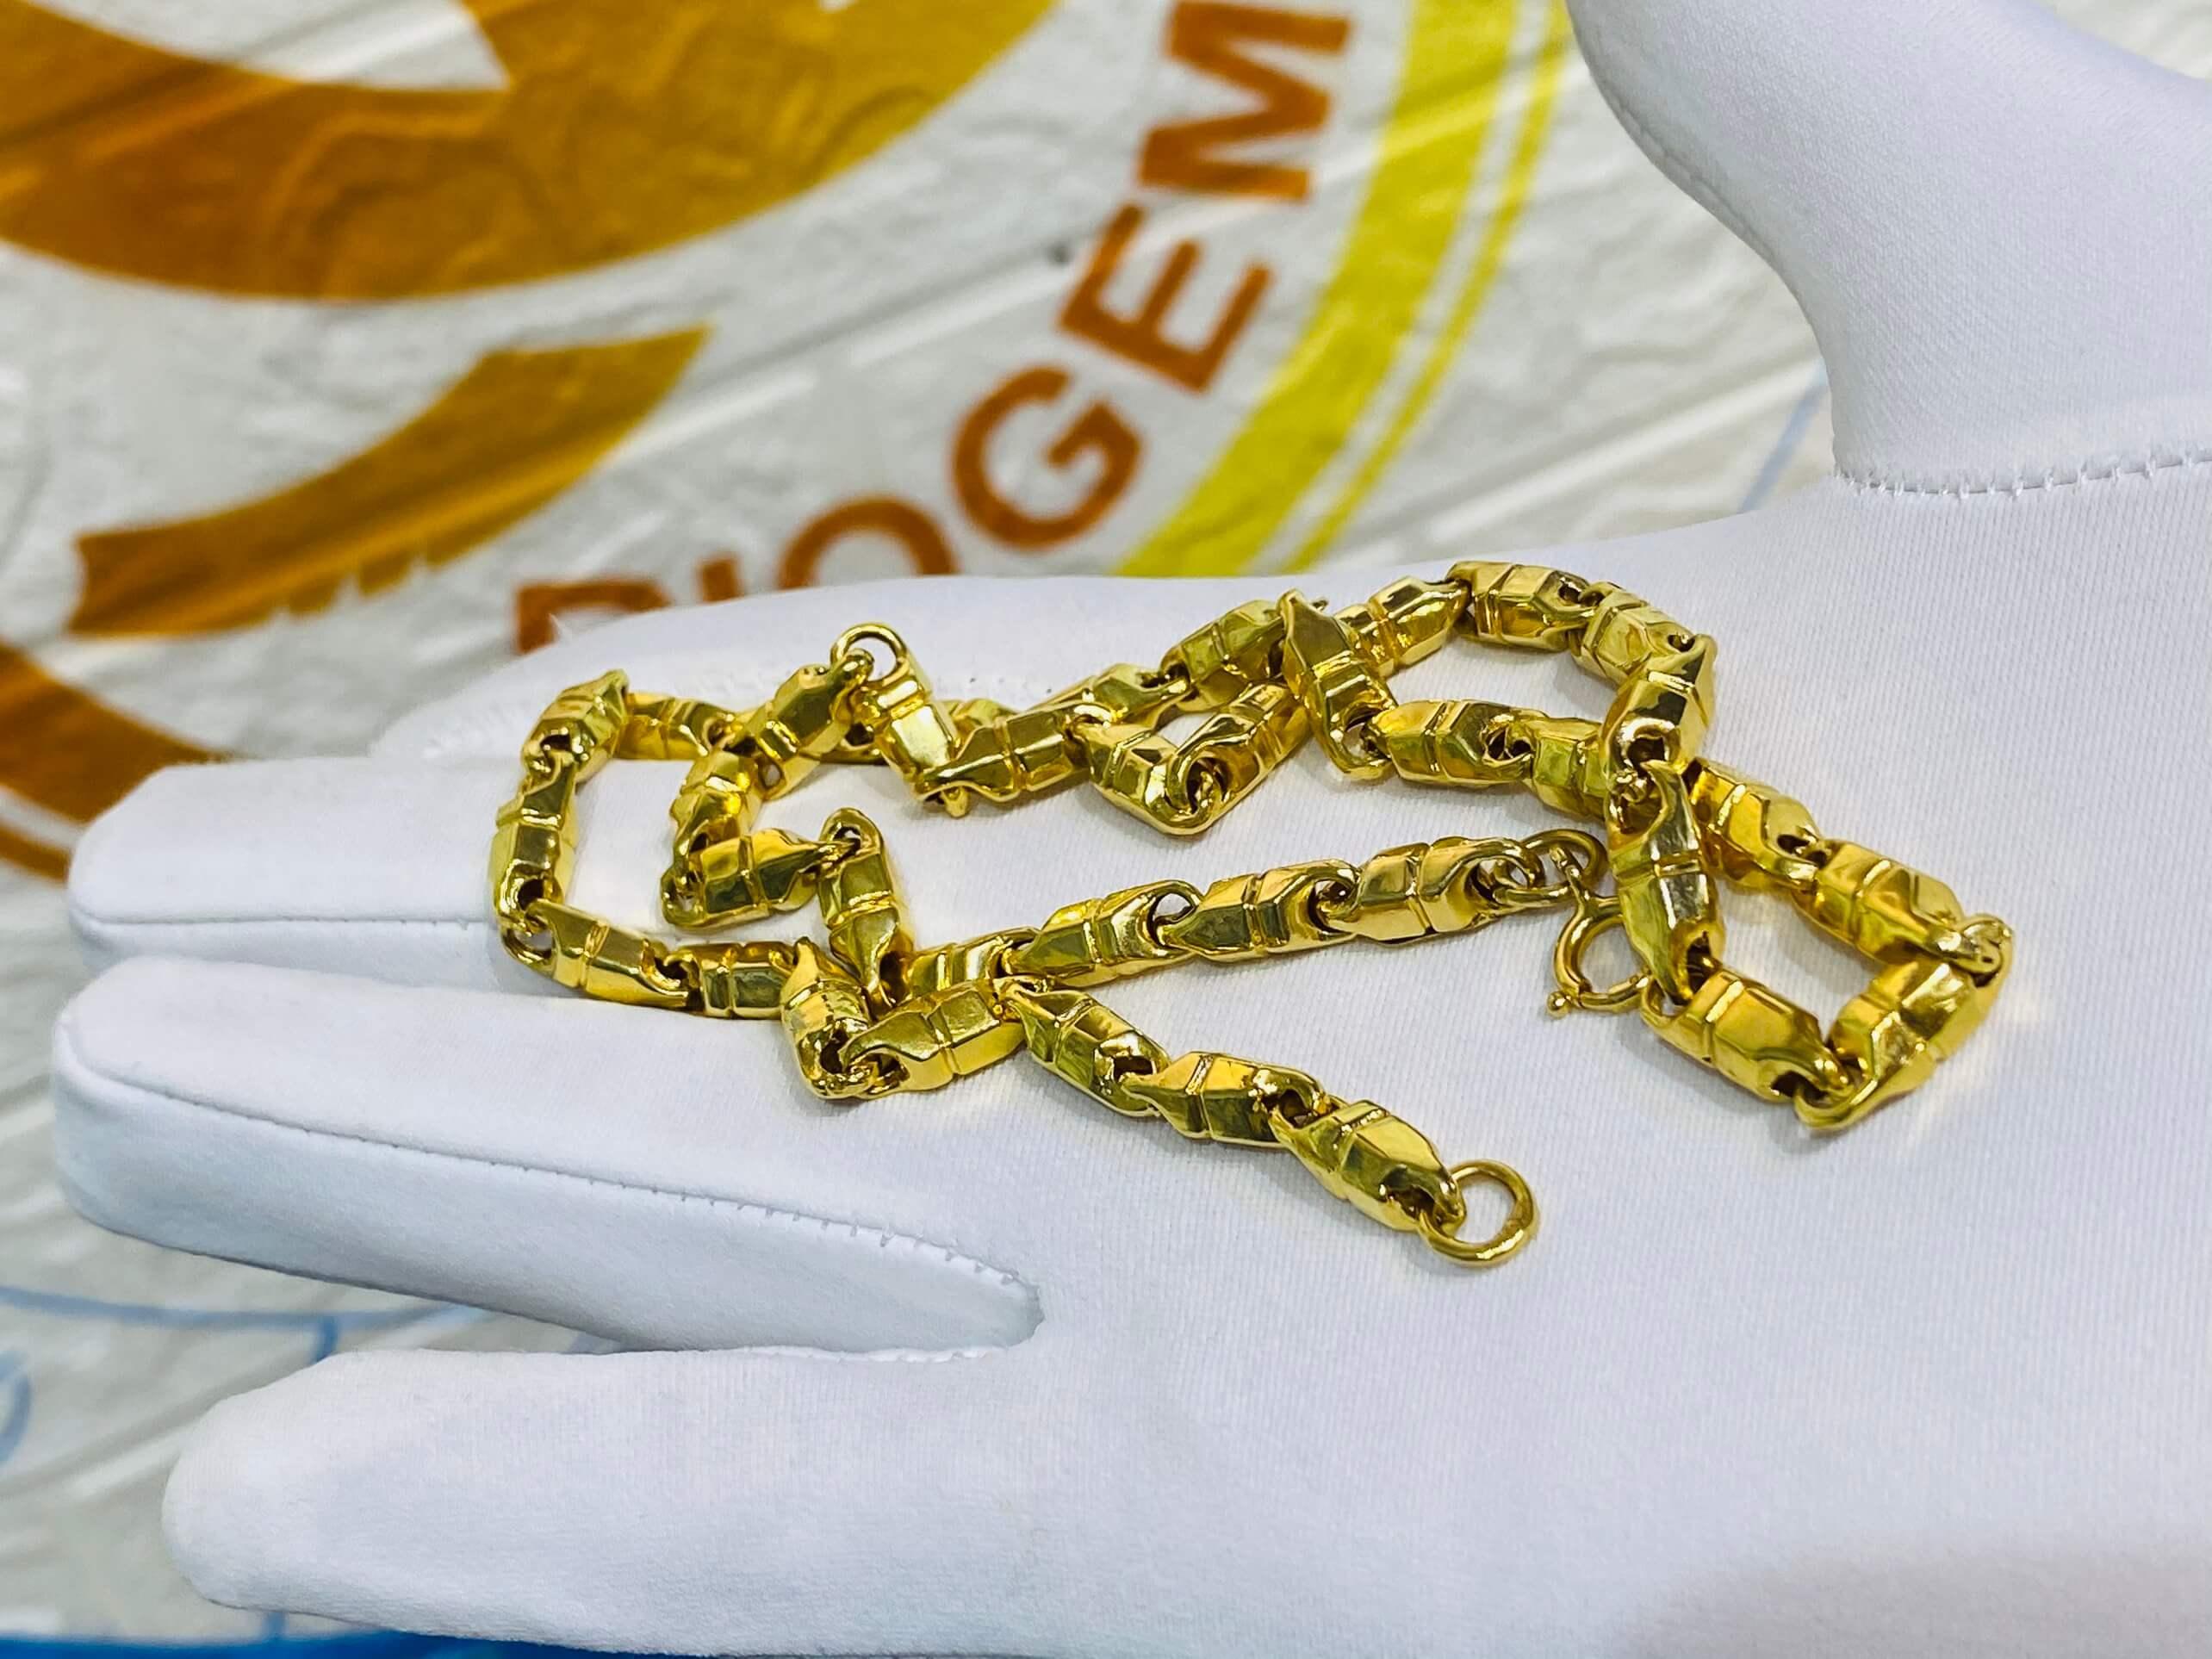 Dây chuyền xích vàng phong thủy - Biểu tượng của sự sang trọng và bảo vệ